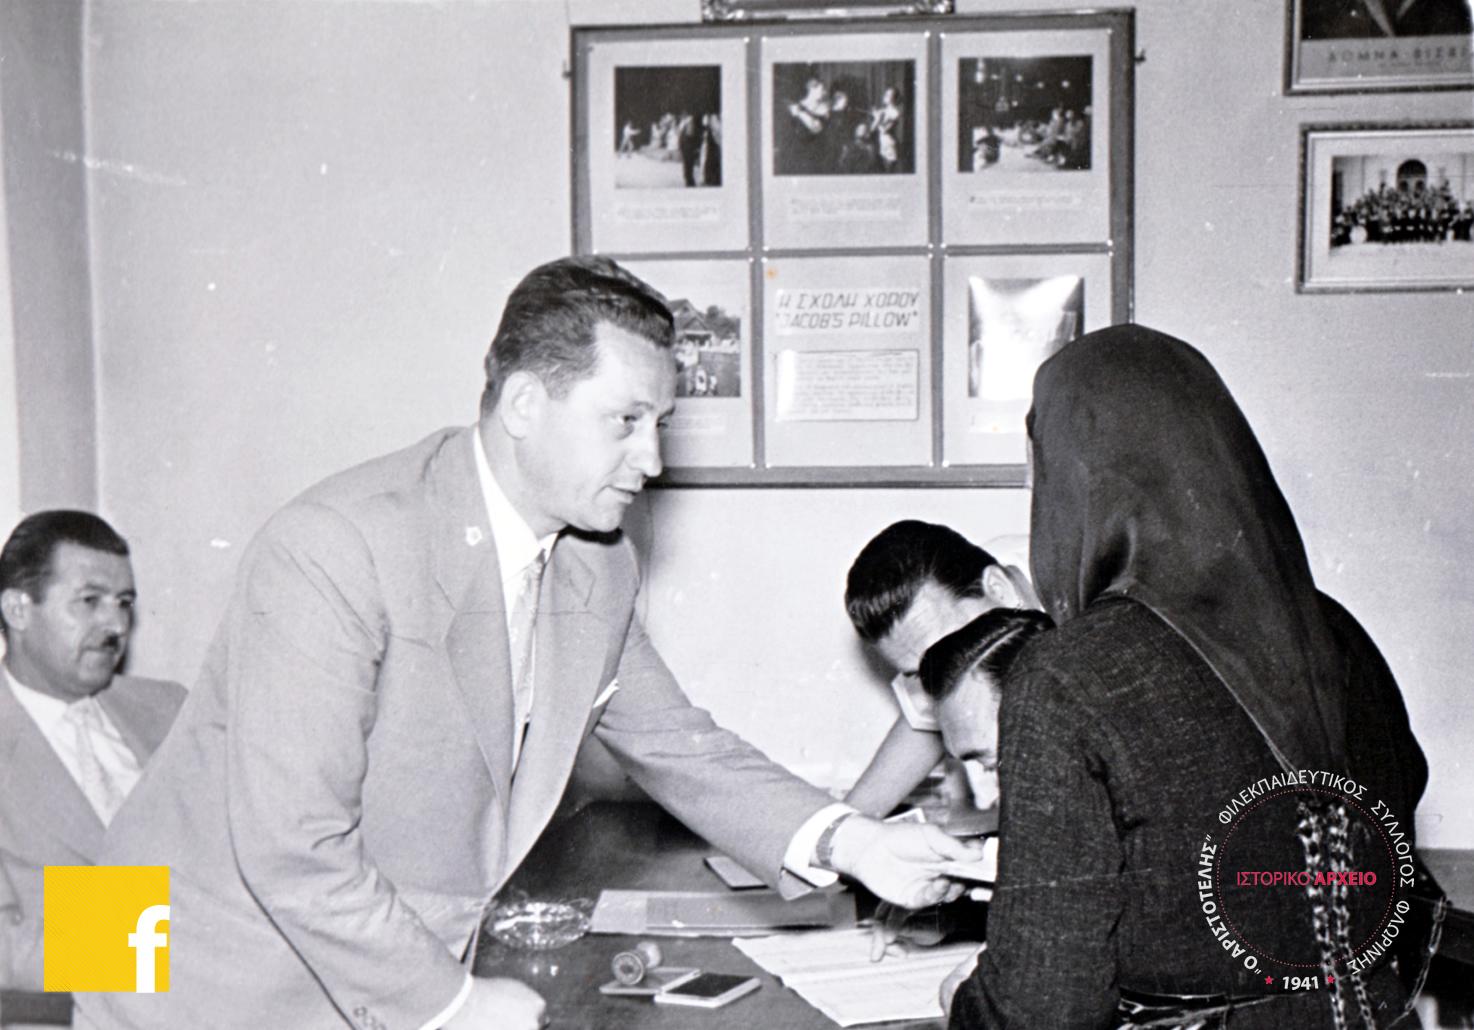 Τα πρώτα βιβλιάρια συντάξεων του ΟΓΑ στη Φλώρινα το 1962